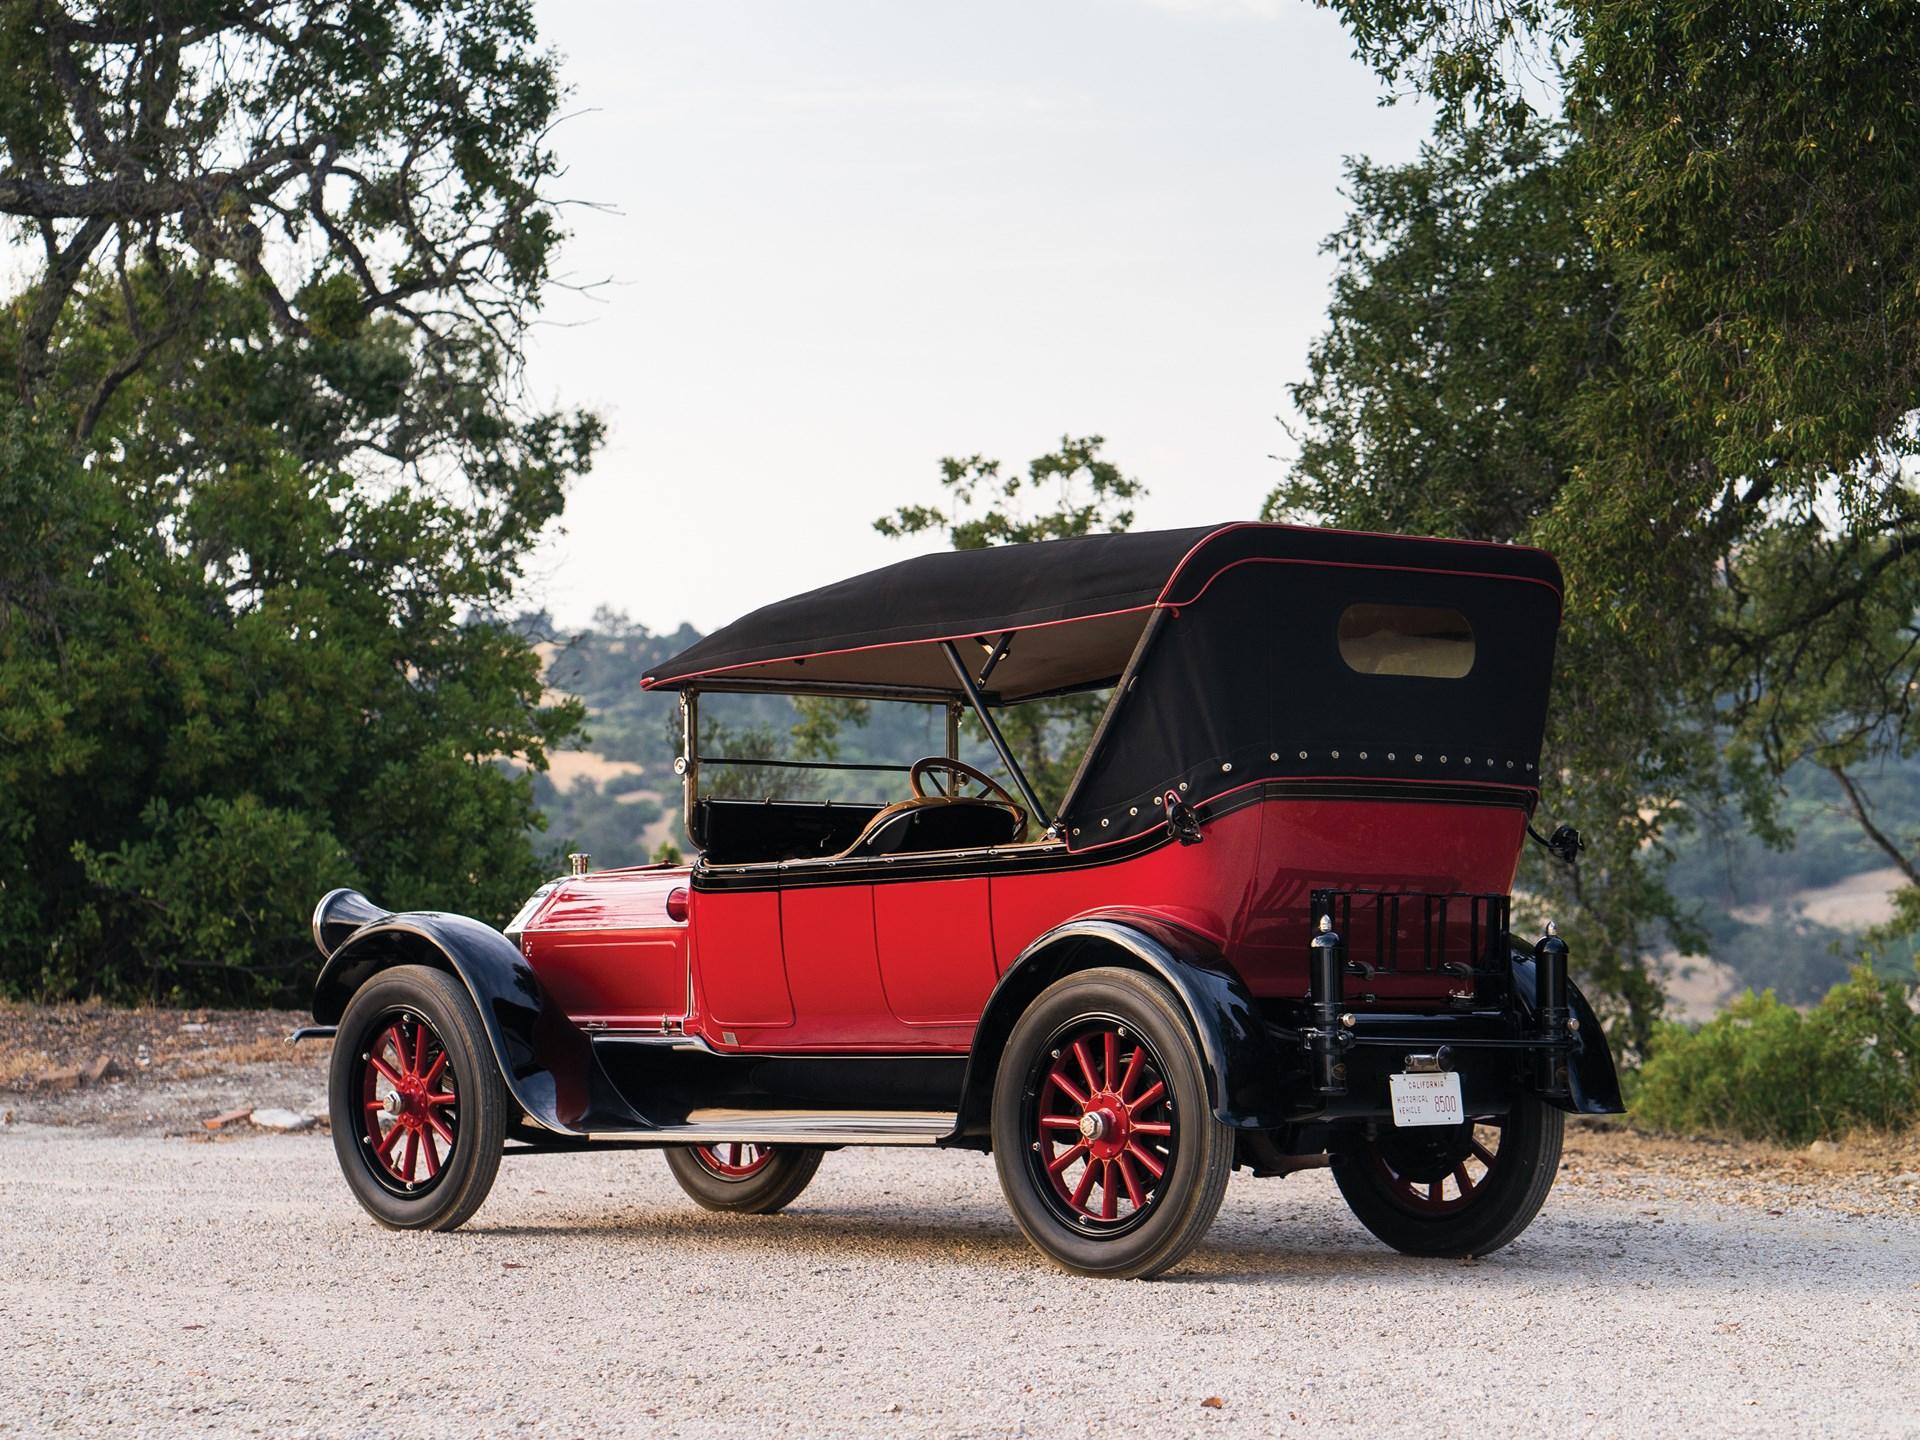 1916 Pierce-Arrow Model 38-C-4 Five-Passenger Touring